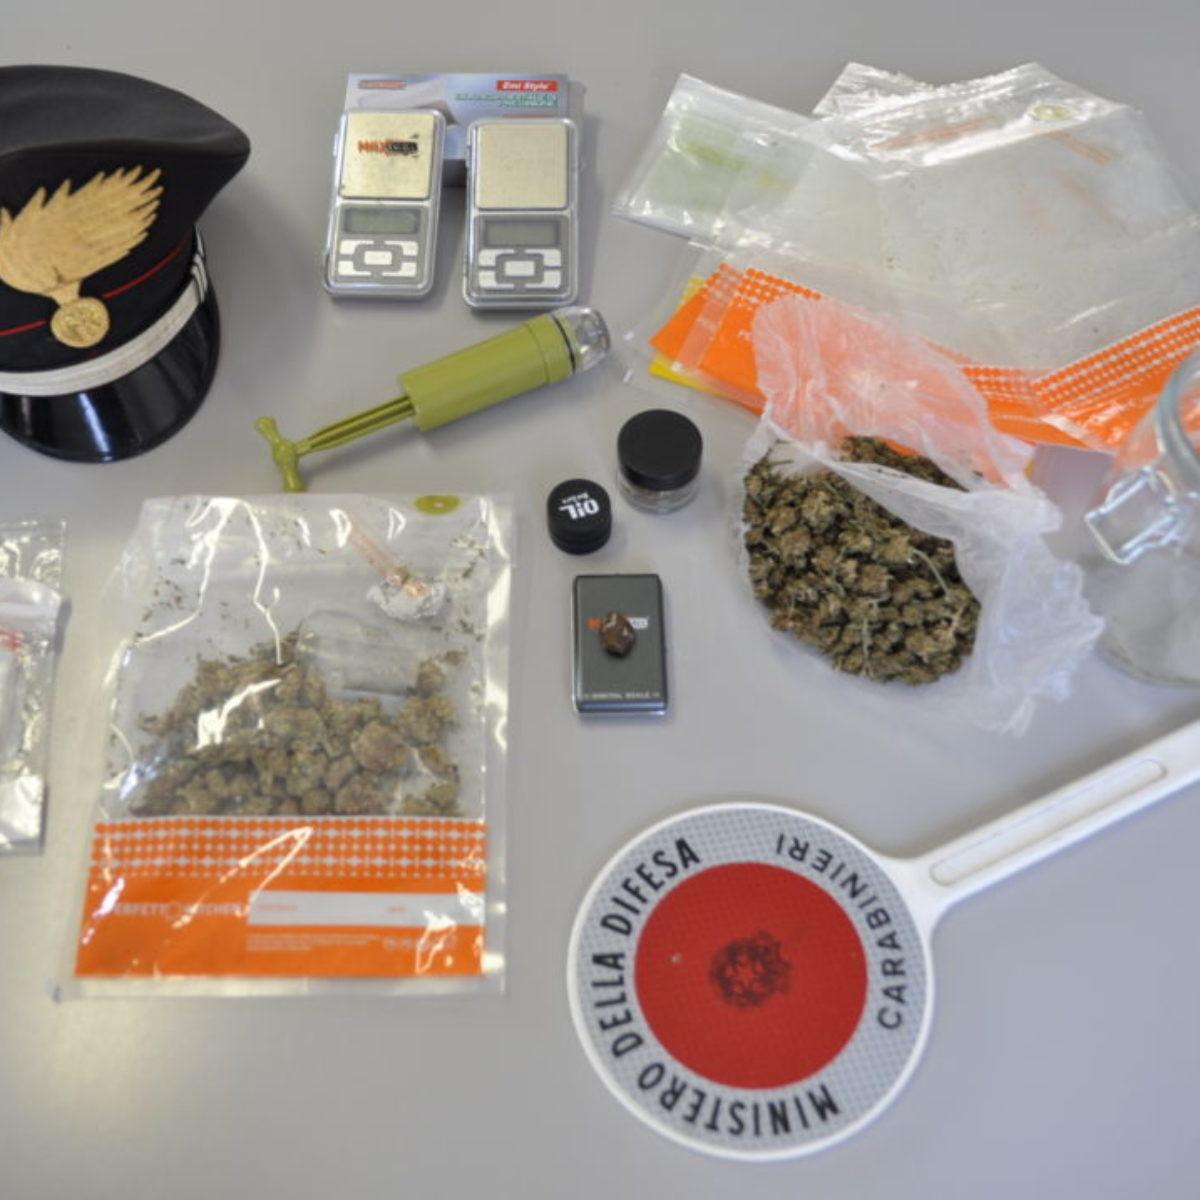 Cesenatico, patenti ritirate e controlli anti droga